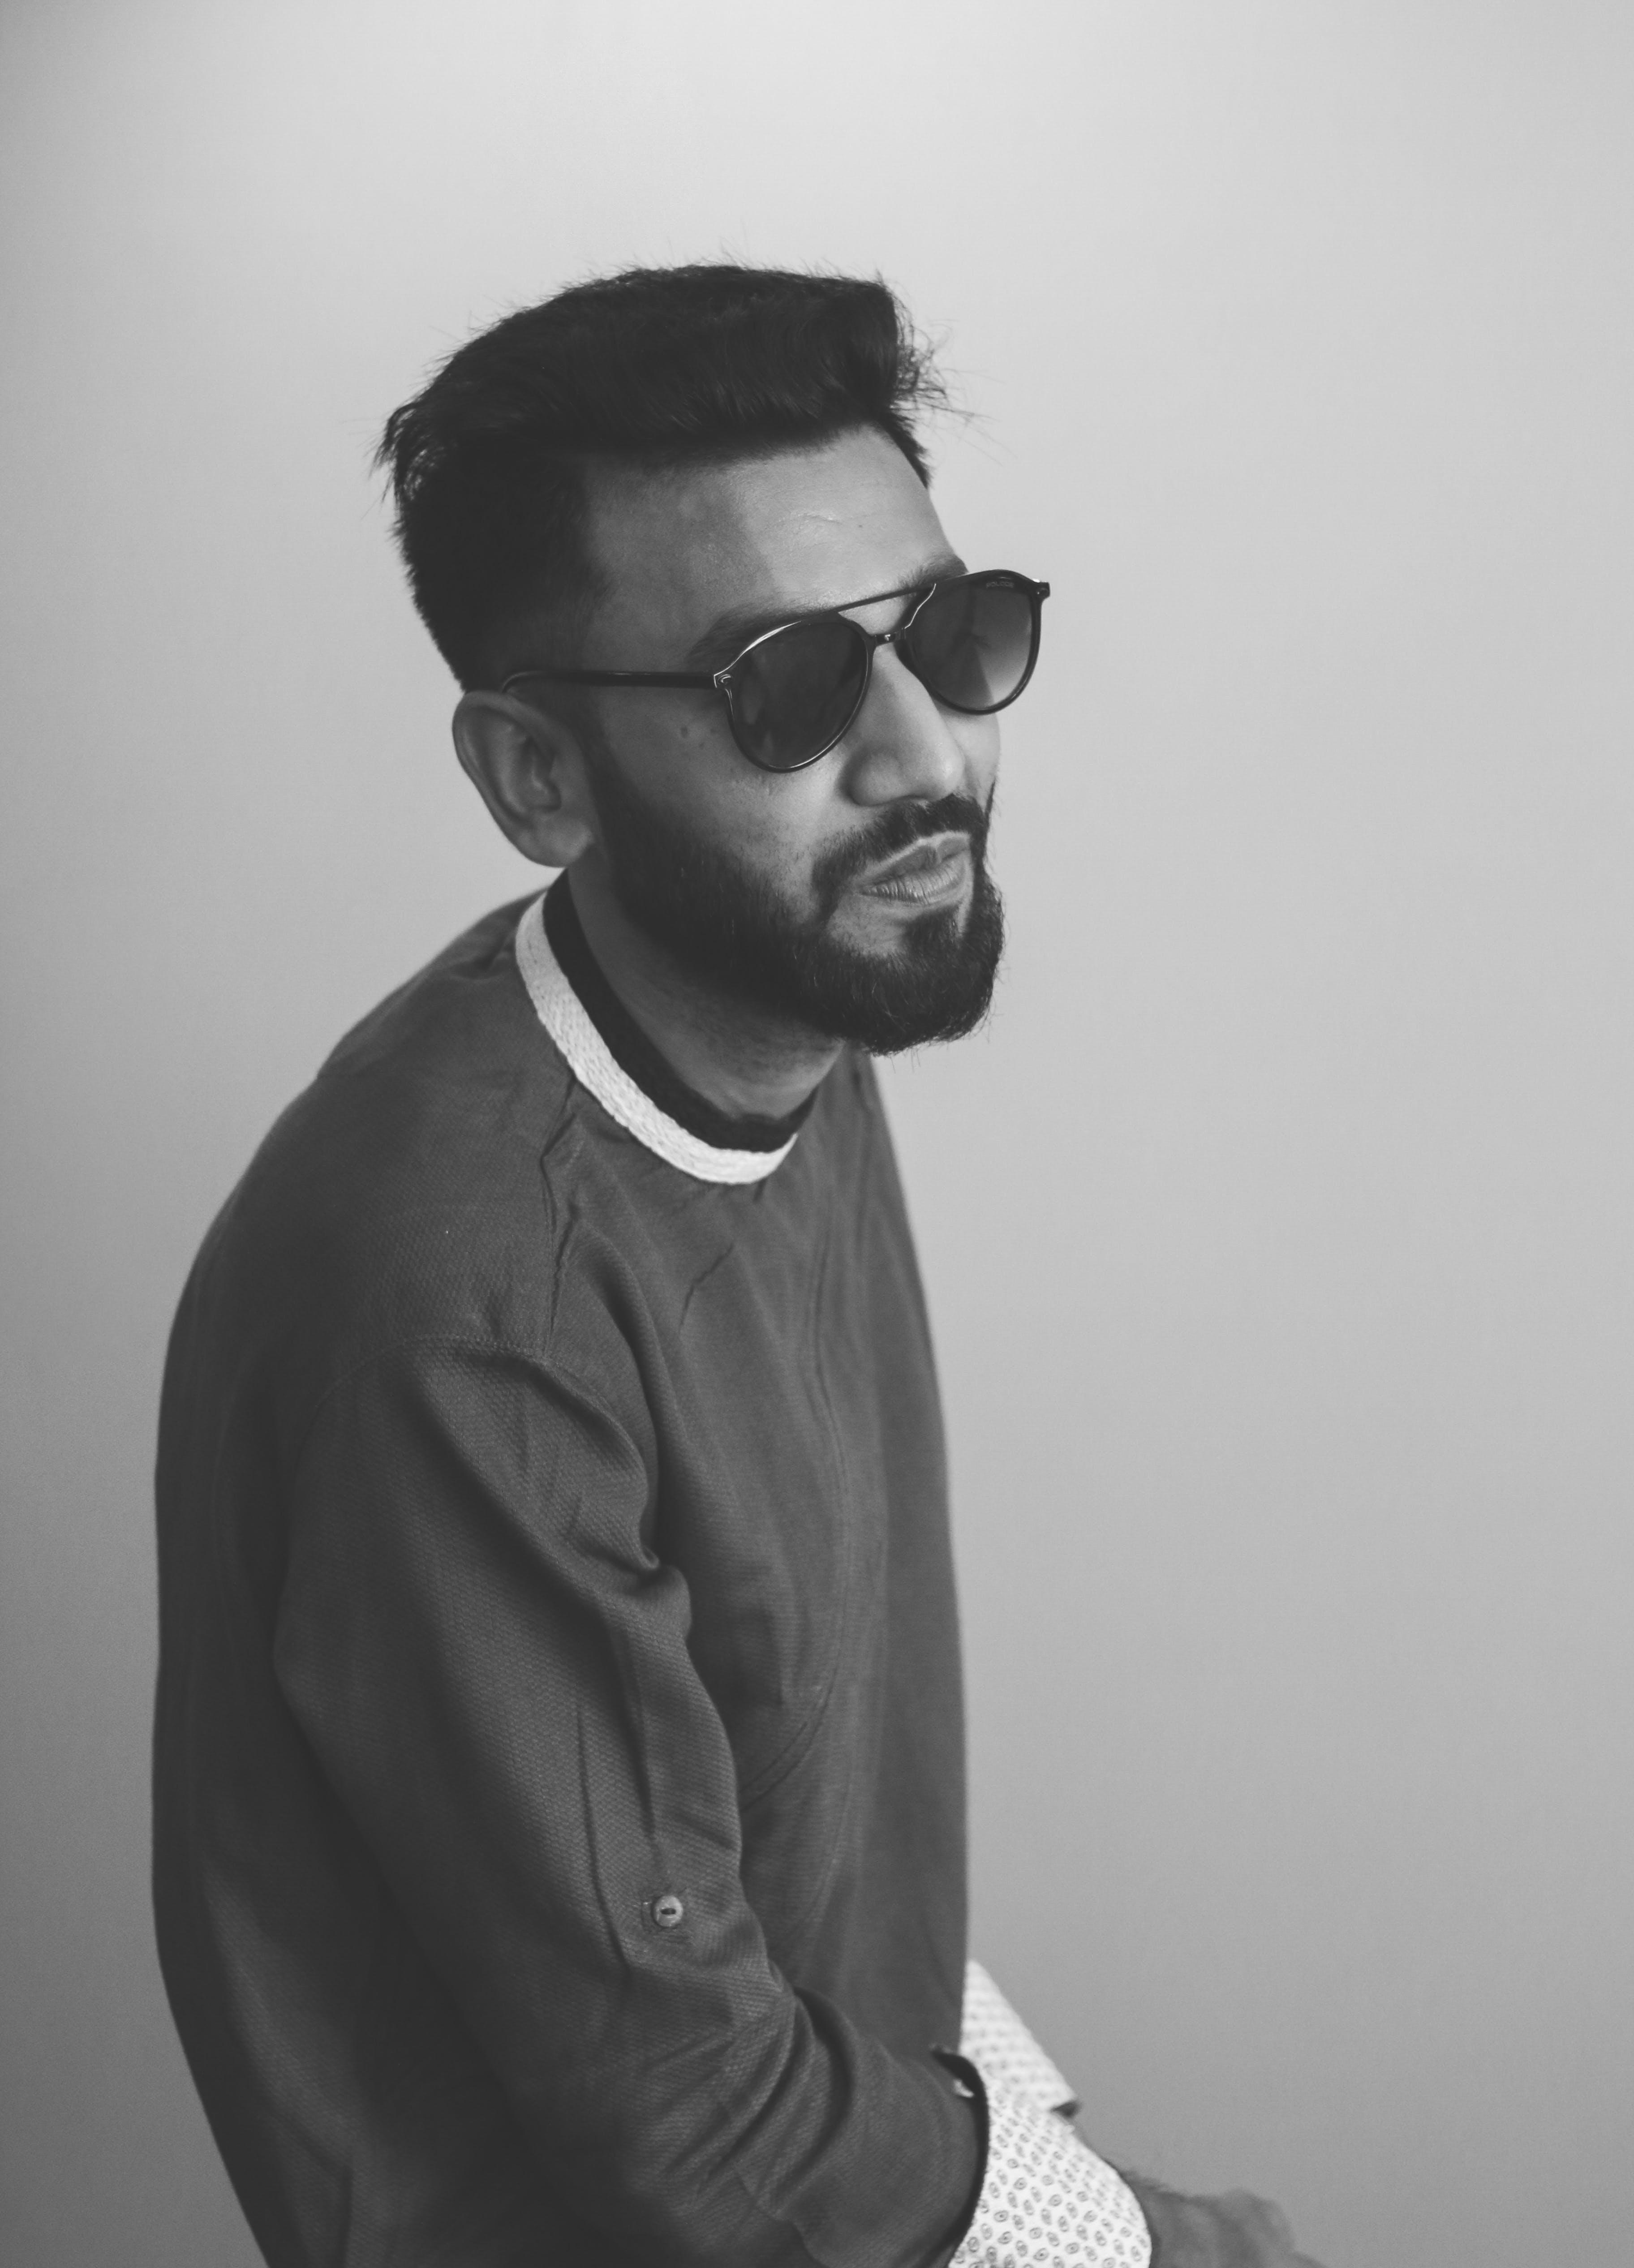 Fotos de stock gratuitas de adulto, atractivo, blanco y negro, chaqueta